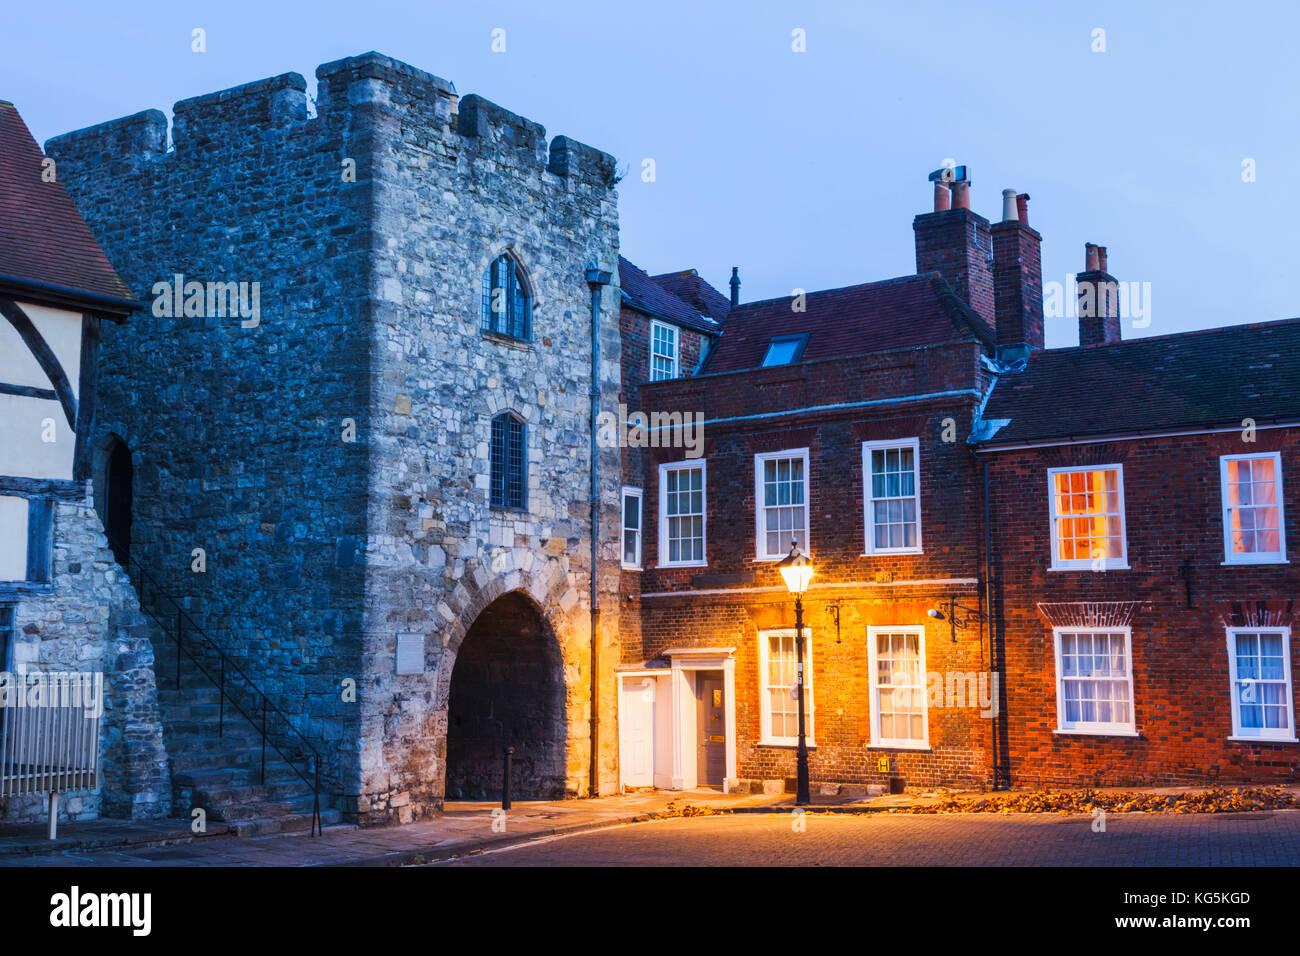 England, Hampshire, Southampton, Westgate - Stock Image